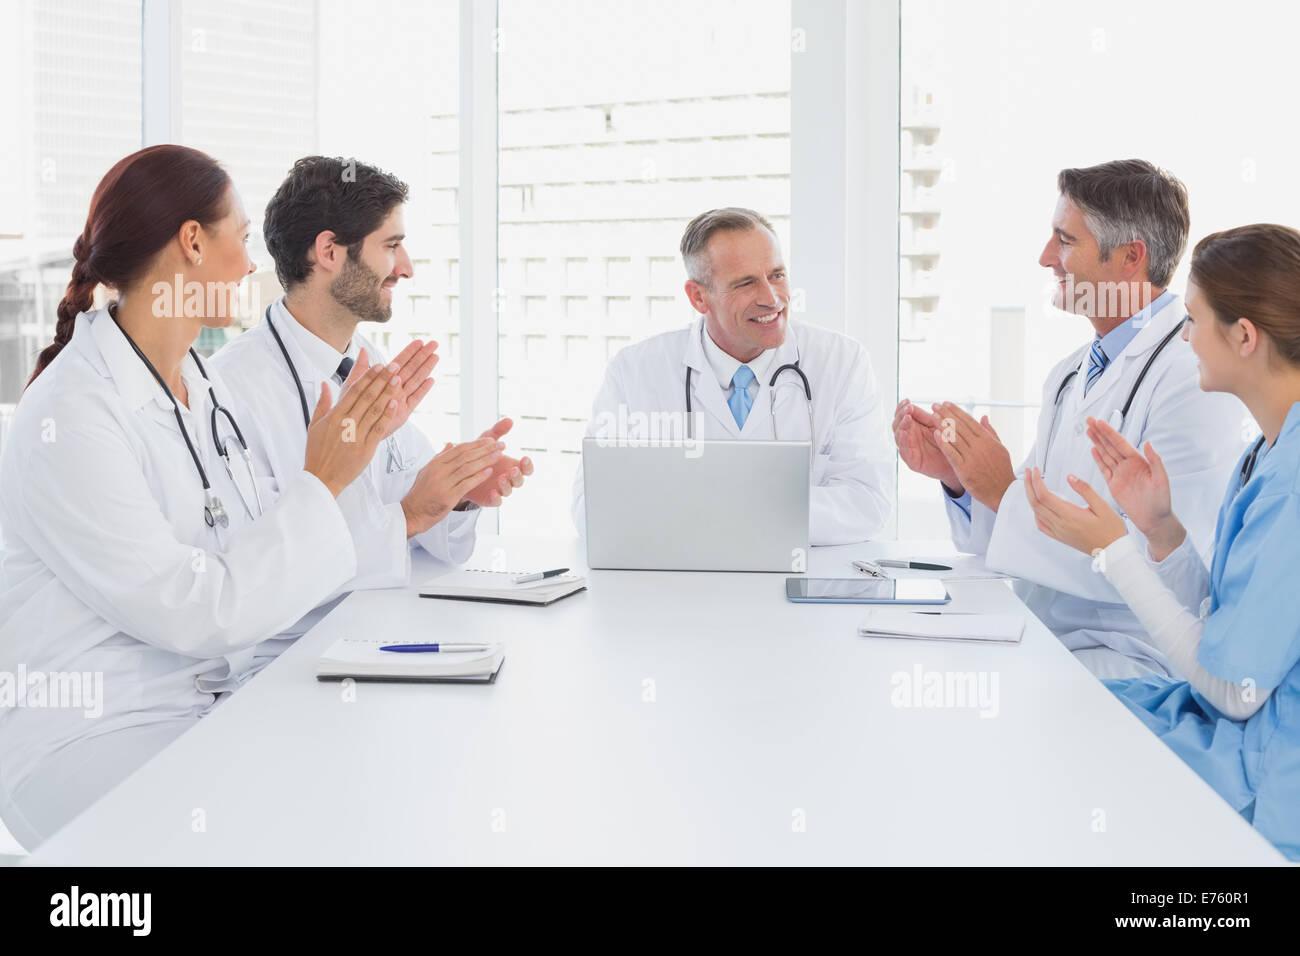 Los doctores aplaudiendo a un colega médico Imagen De Stock